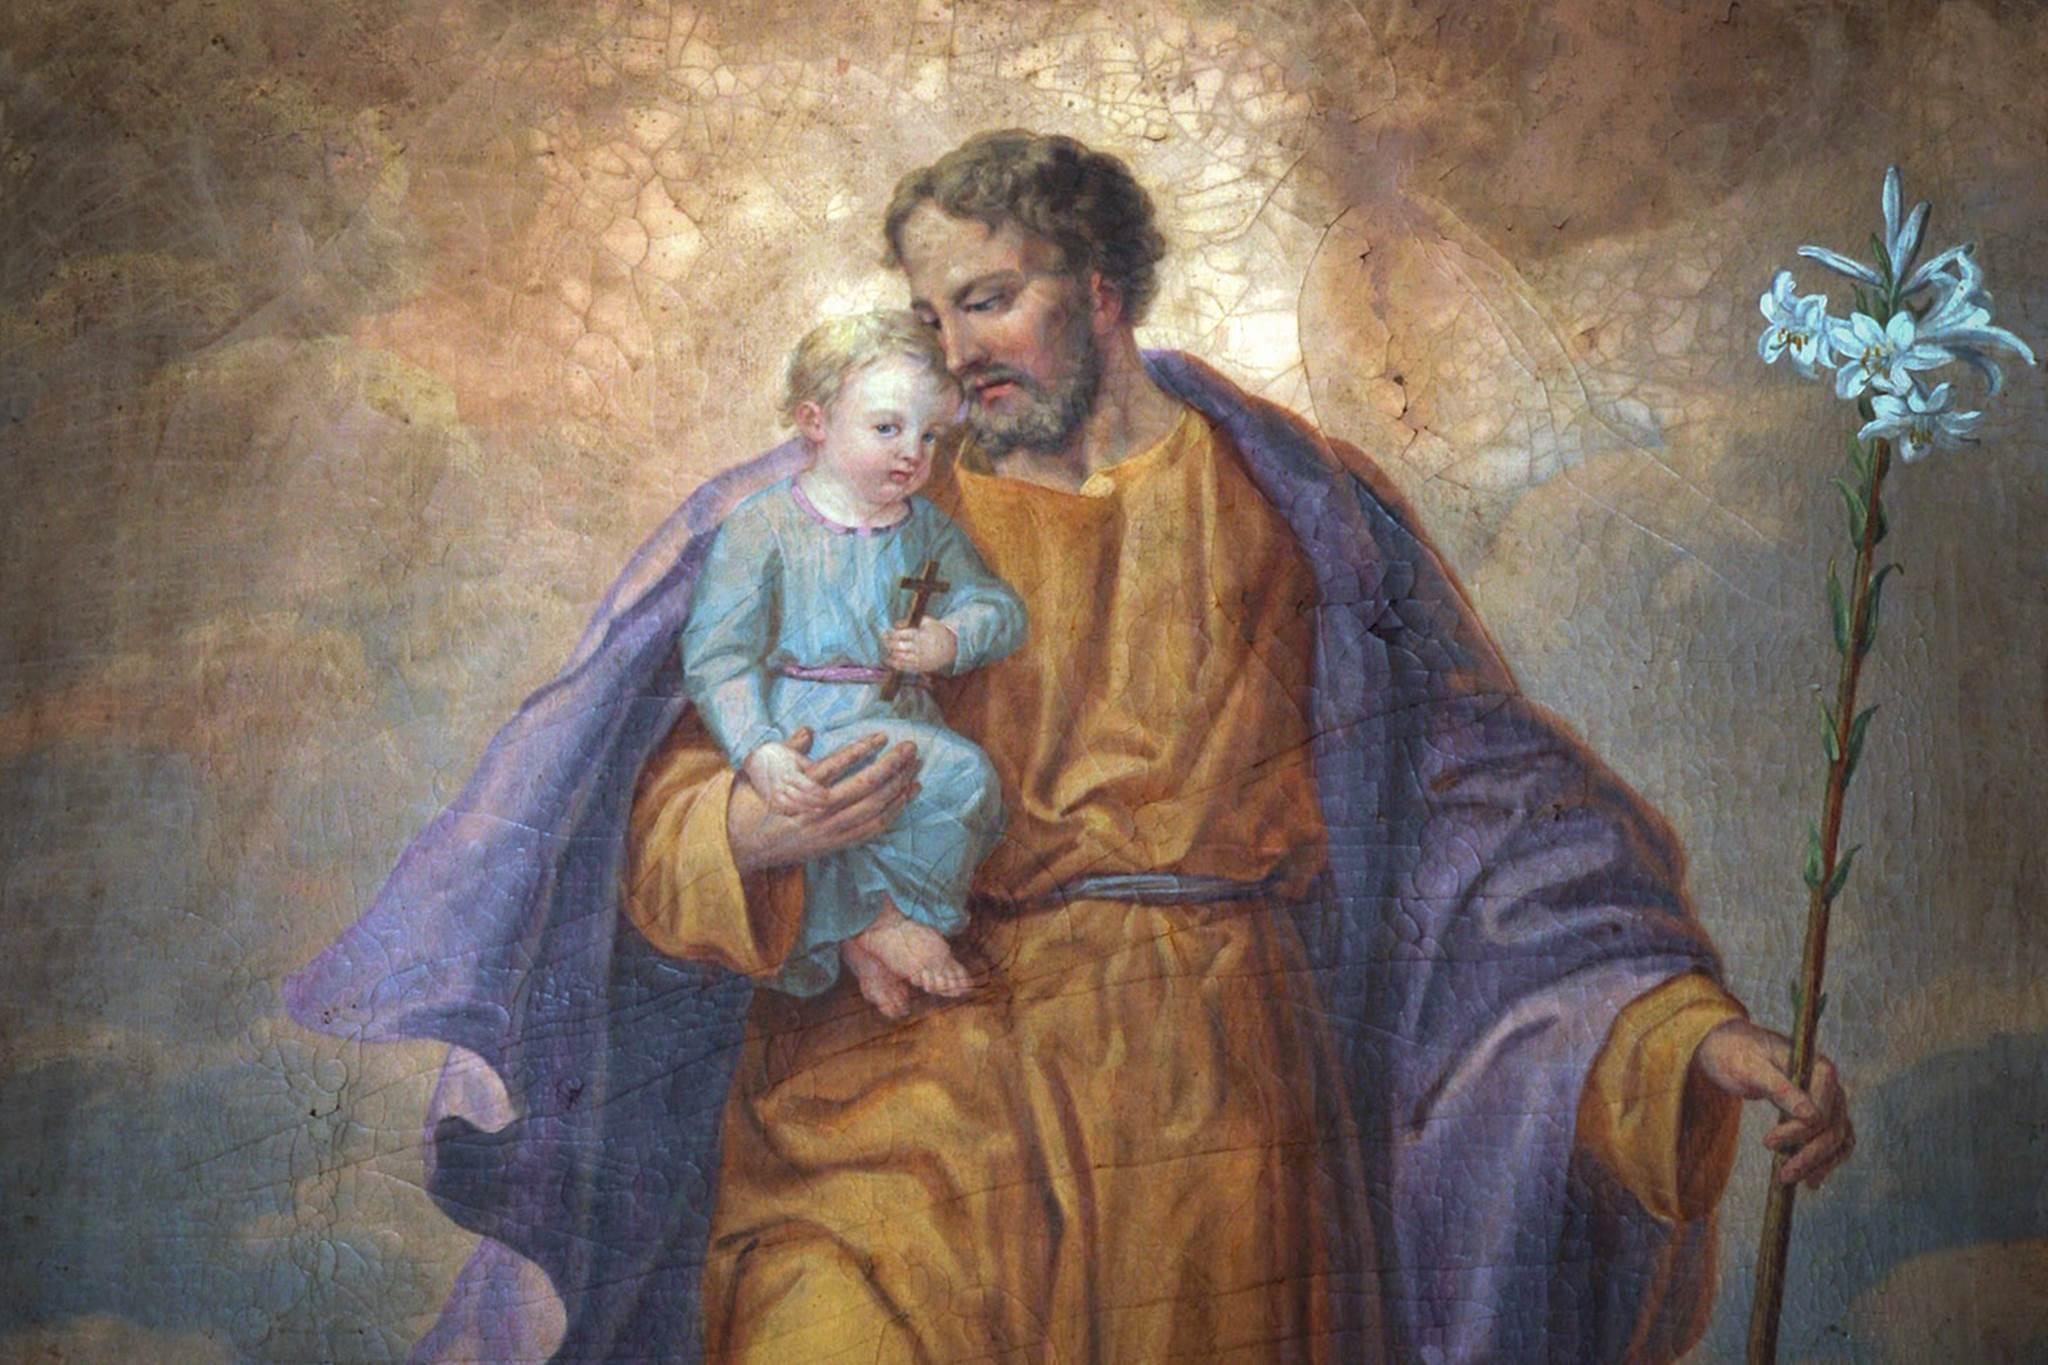 Đặt tên cho con trẻ (19.3.2021 – Thứ Sáu - Thánh Giuse, bạn trăm năm Đức Maria)